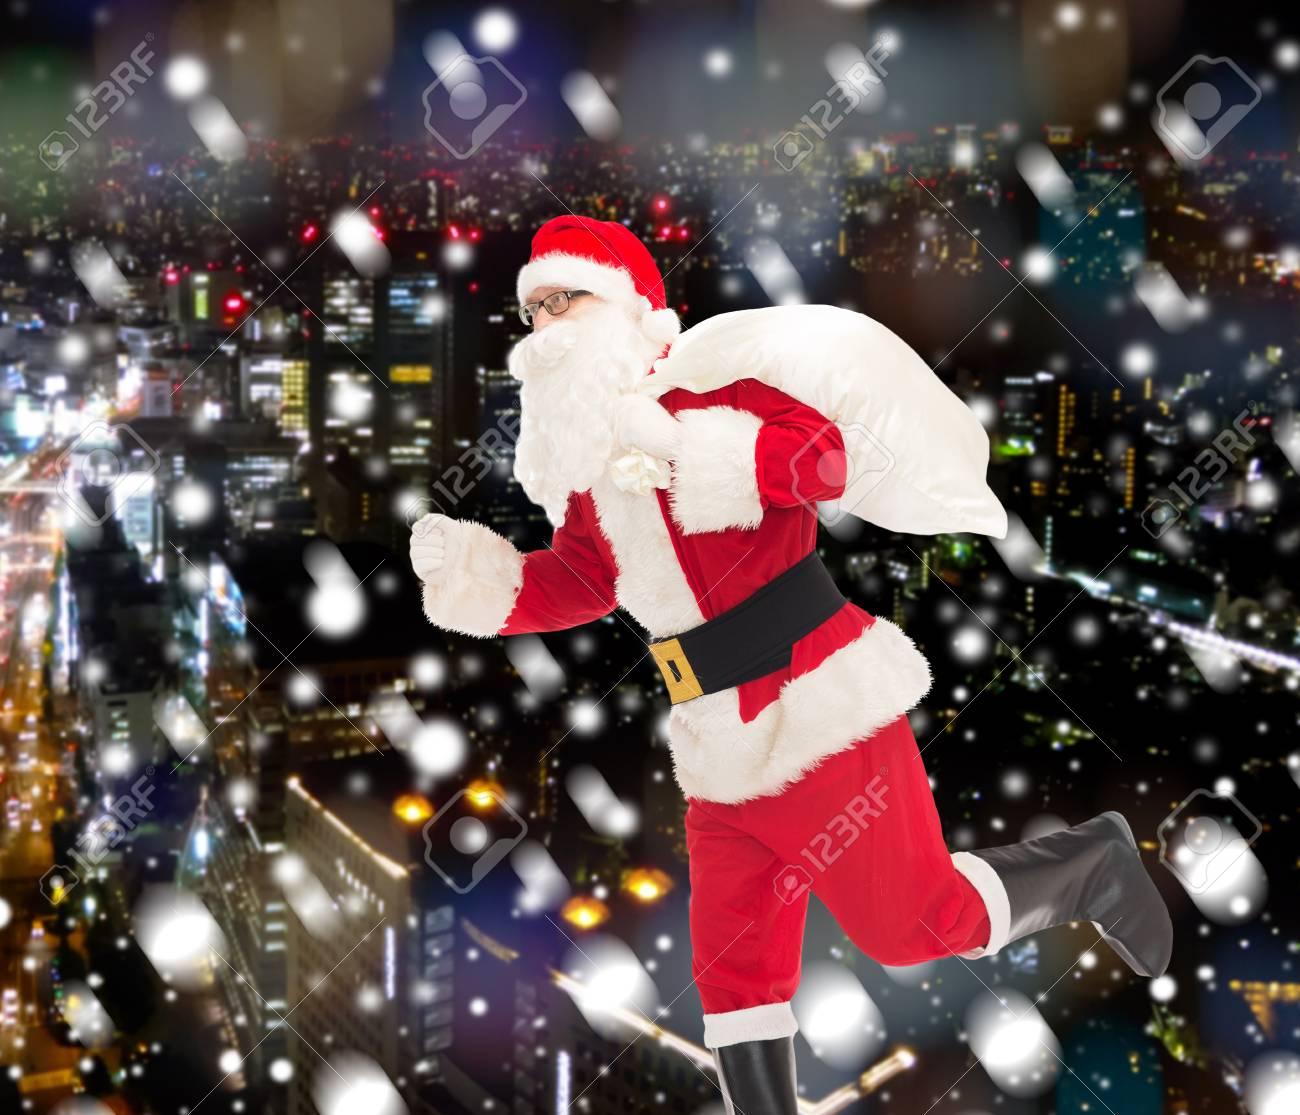 Weihnachten, Feiertage Und Personen-Konzept - Ein Mann Im Kostüm Von ...